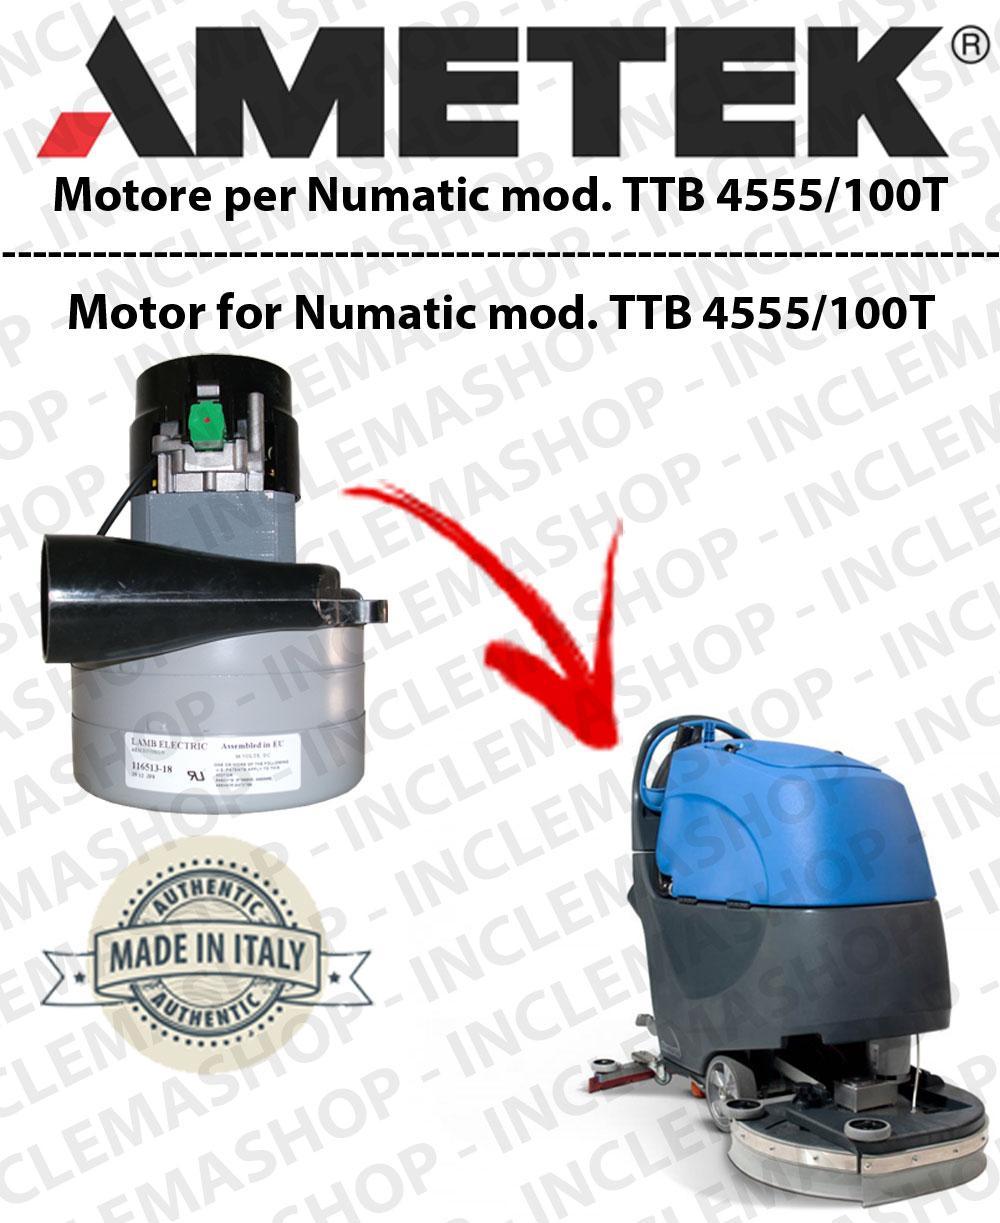 TTB 4555/100T Moteurs aspiration LAMB AMETEK pour autolaveuses NUMATIC